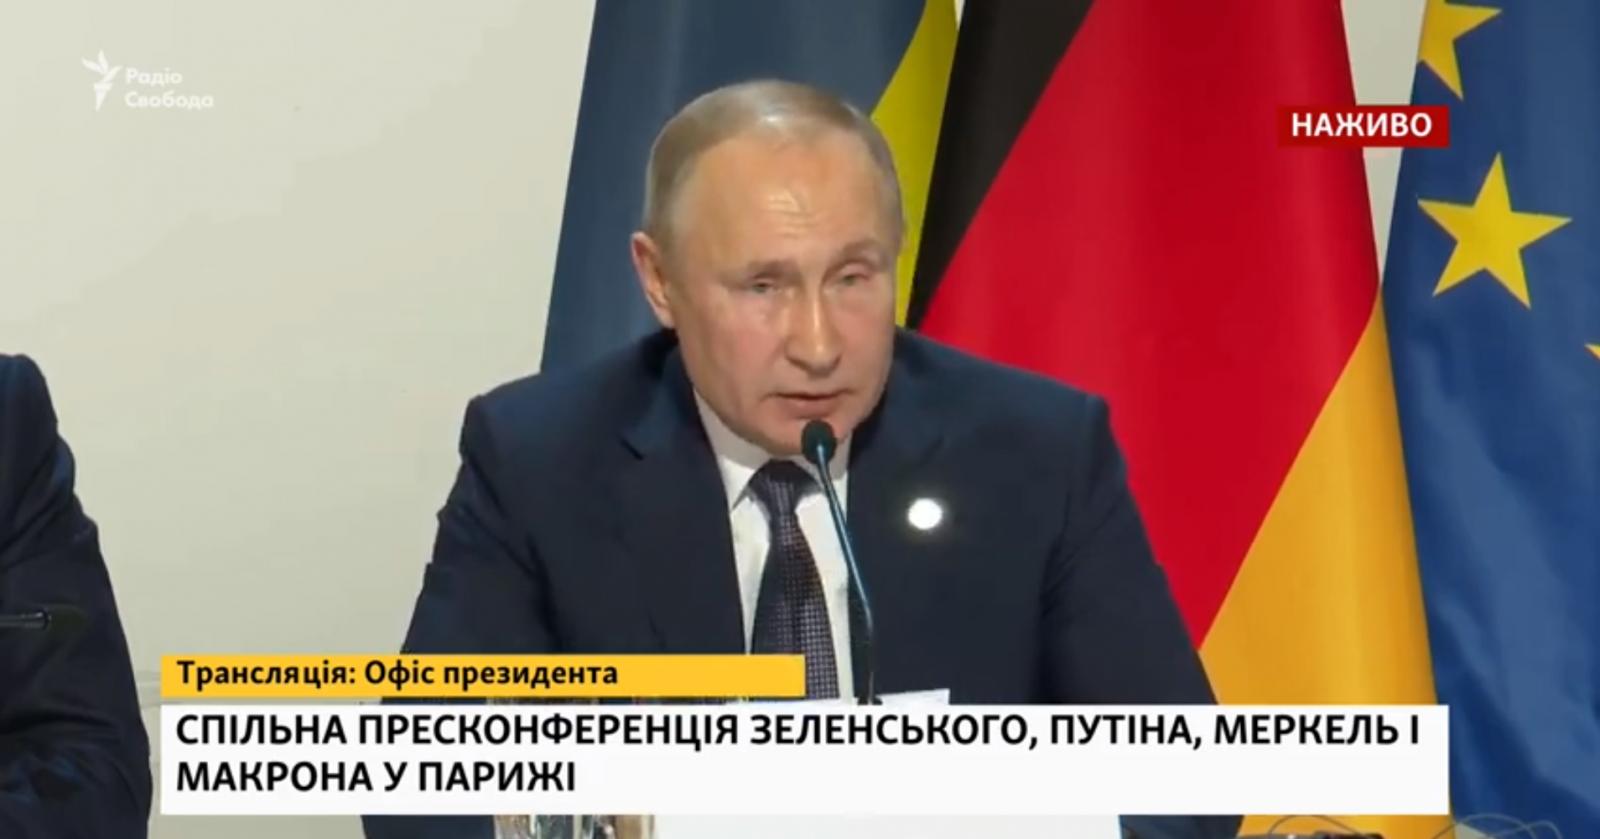 Минские соглашения вскрывать нельзя. Чего требовал Путин по итогам норма...